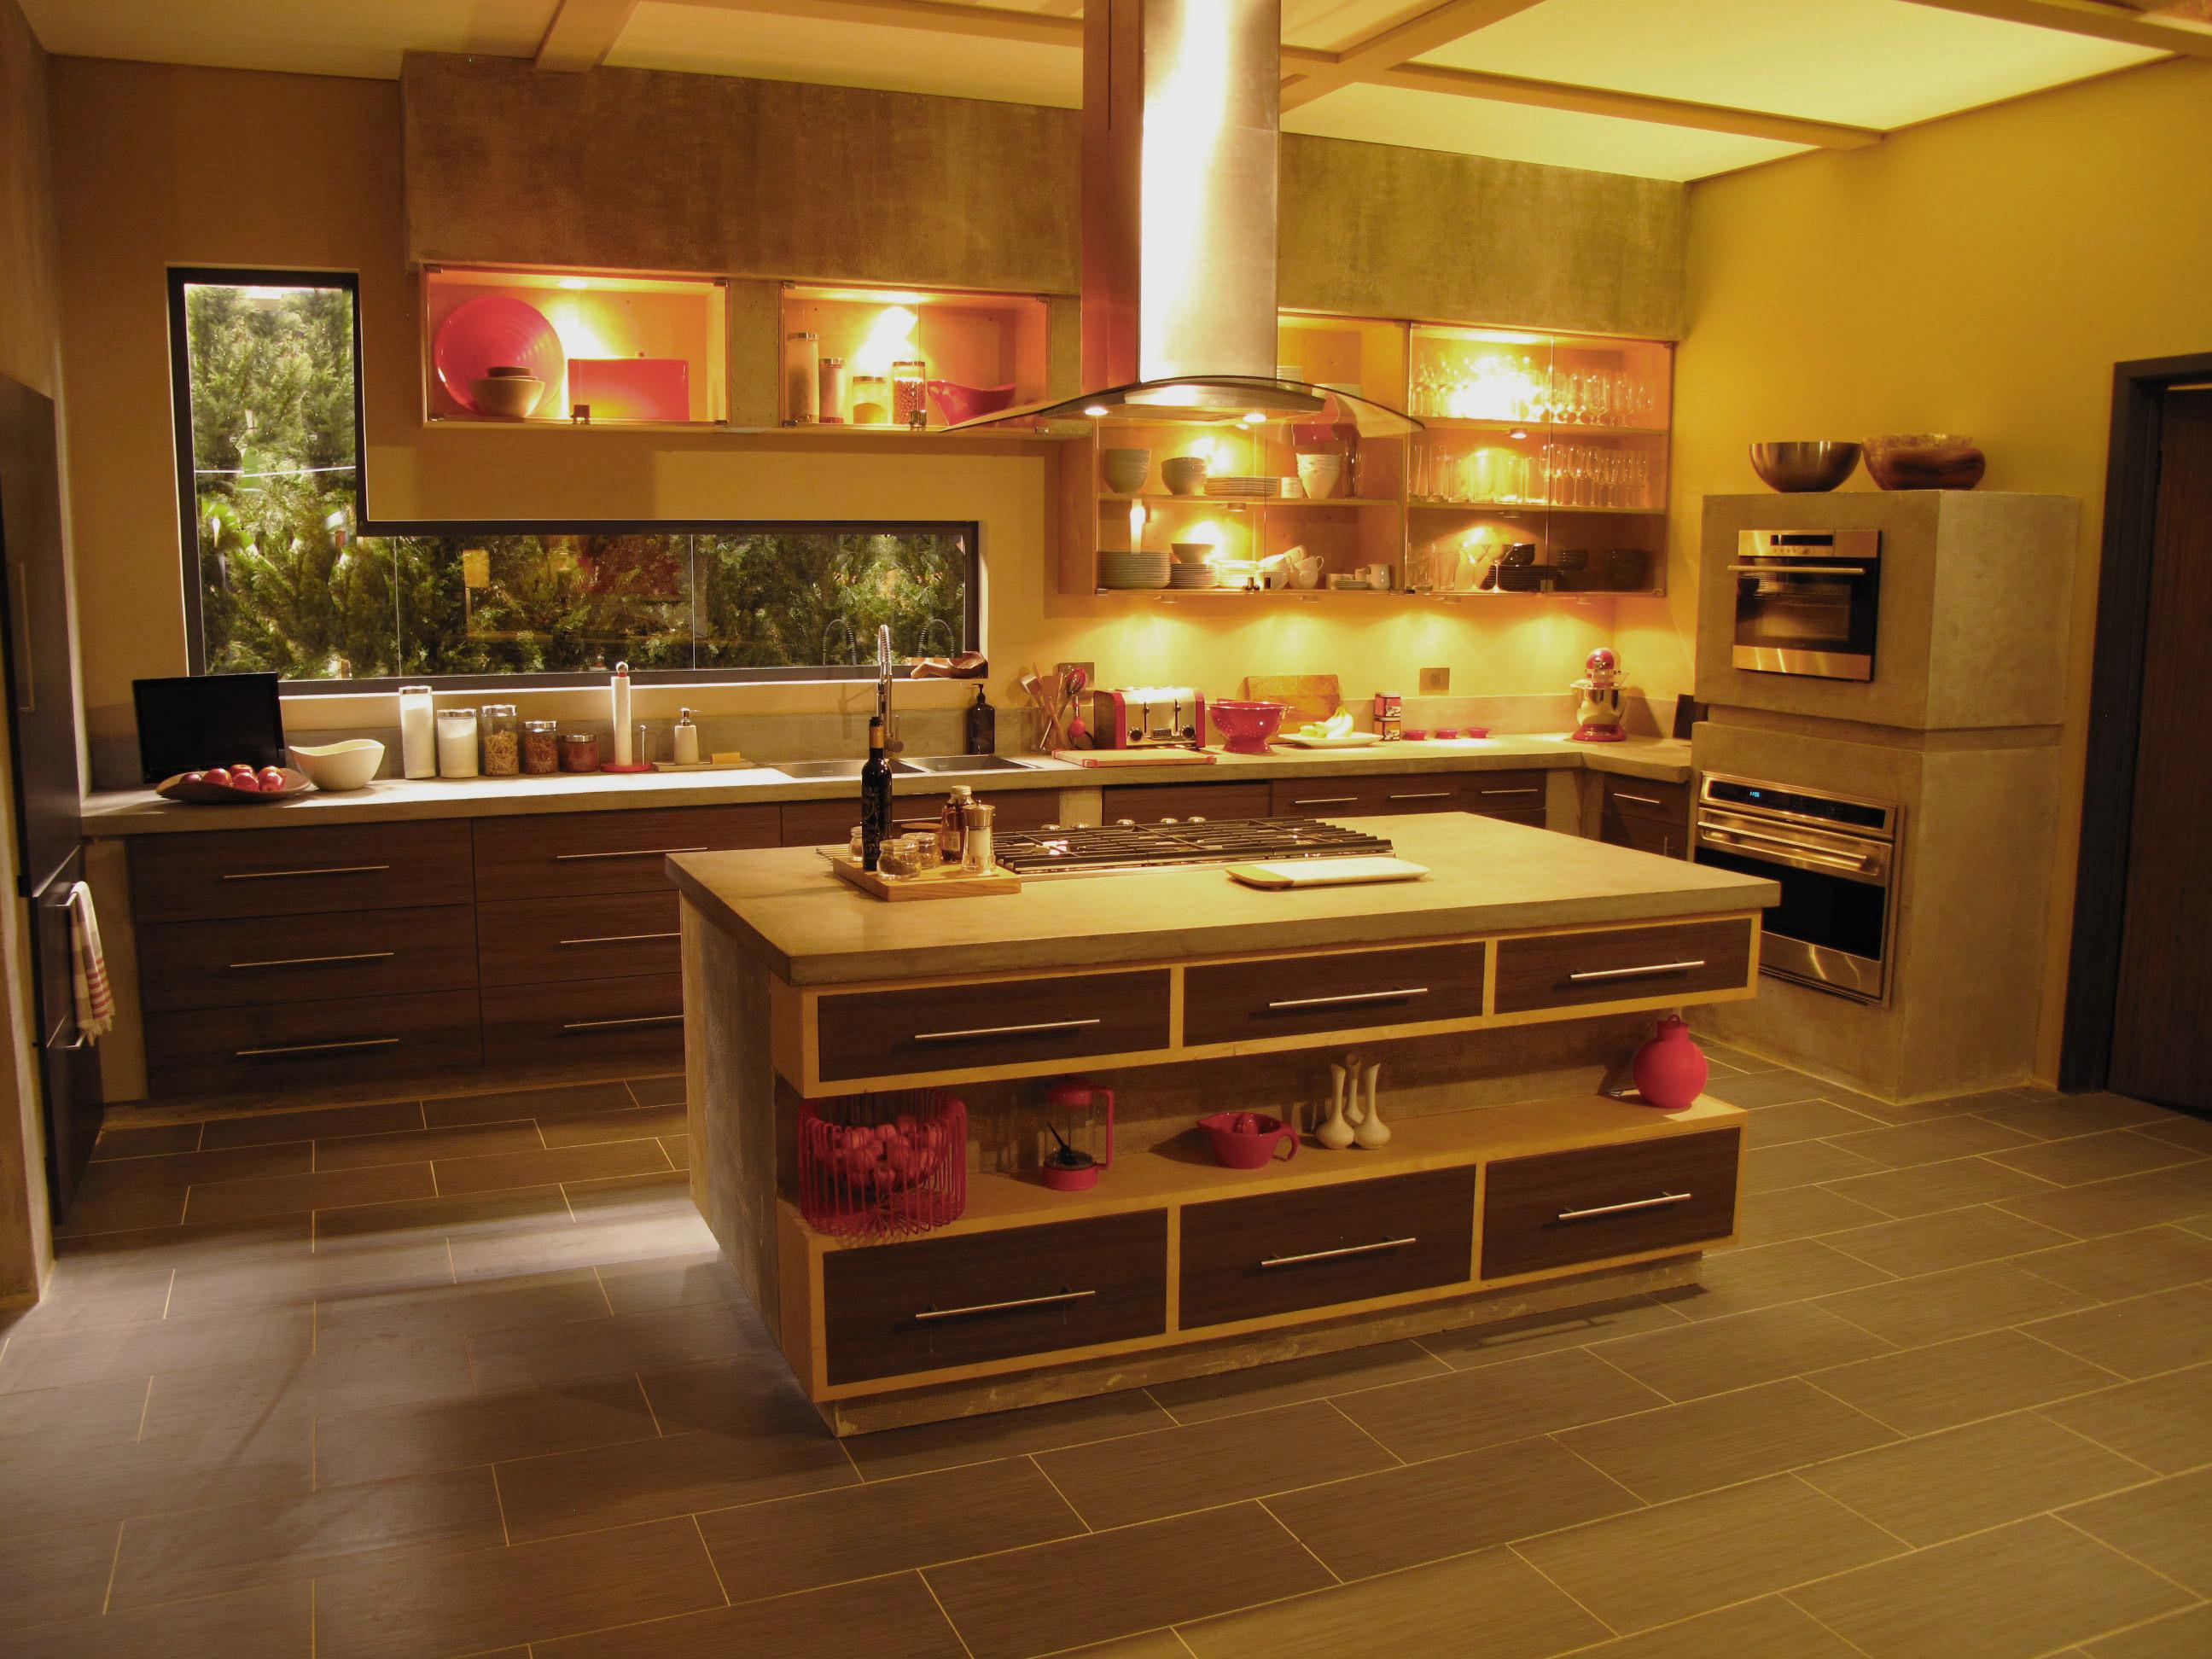 DM Miller Kitchen